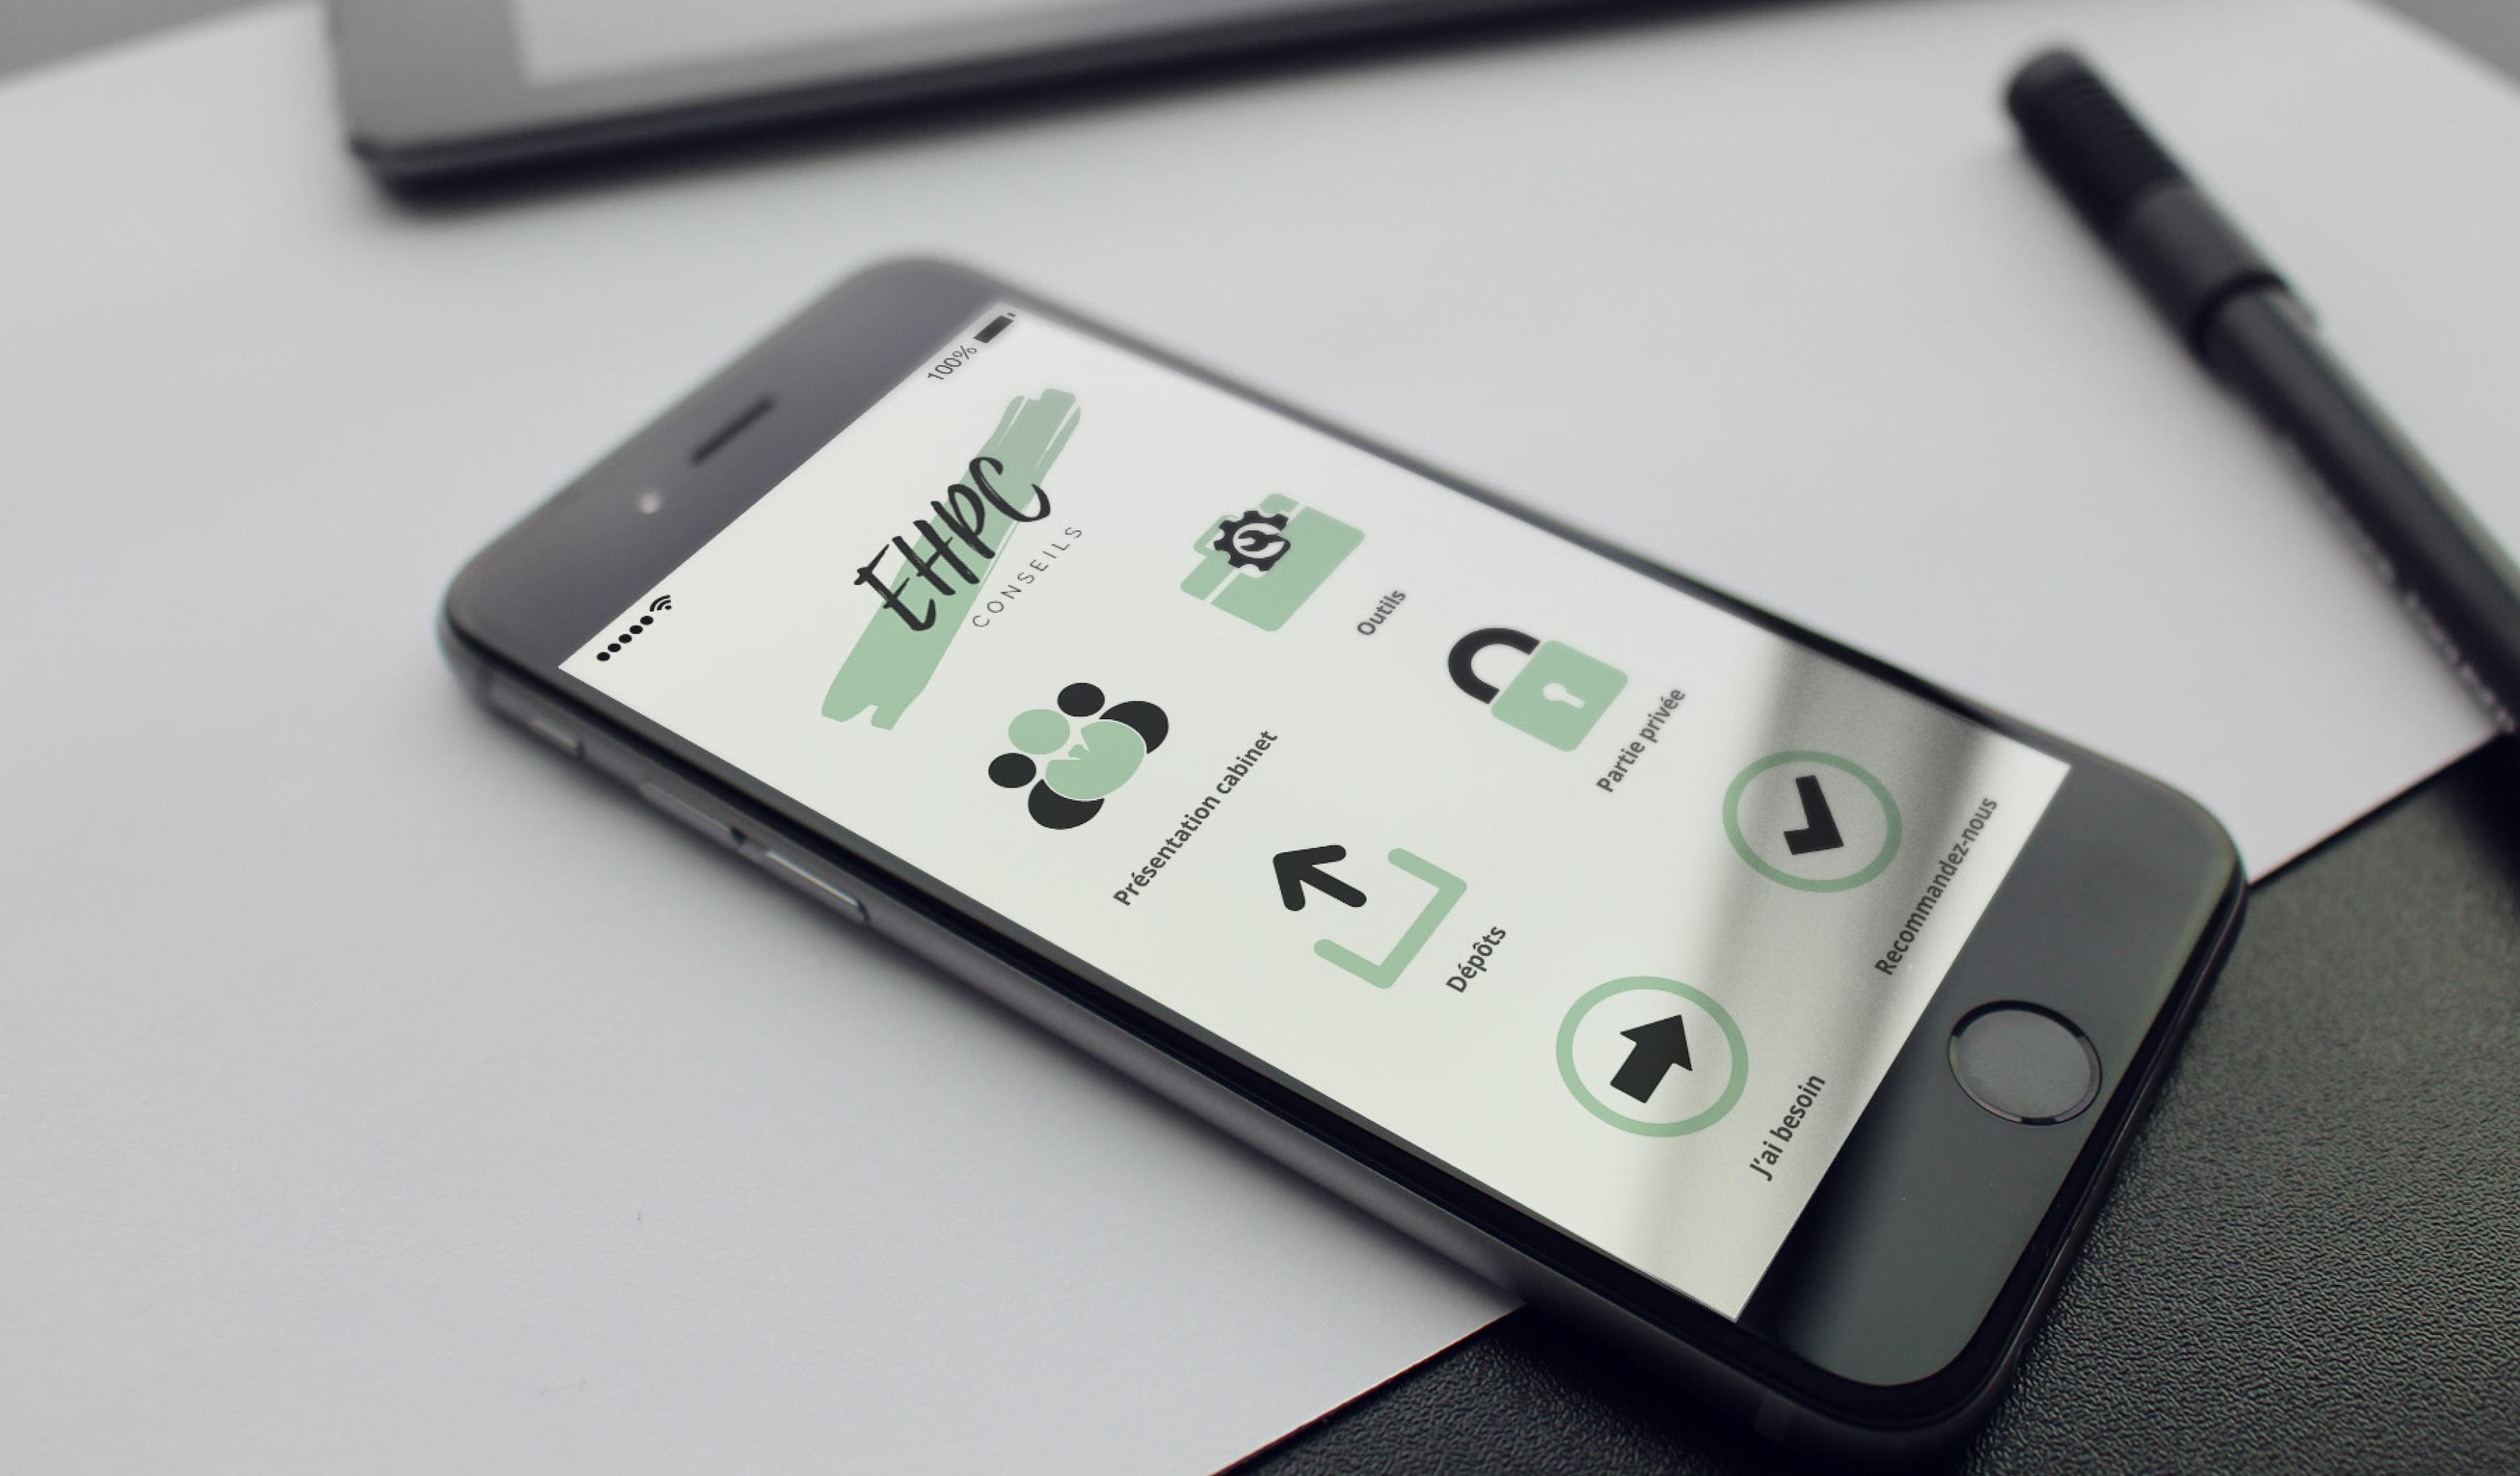 application mobile du cabinet d'expertise comptable EHPC Conseils appartenant à Emilie humbrecht et pascale combabessou